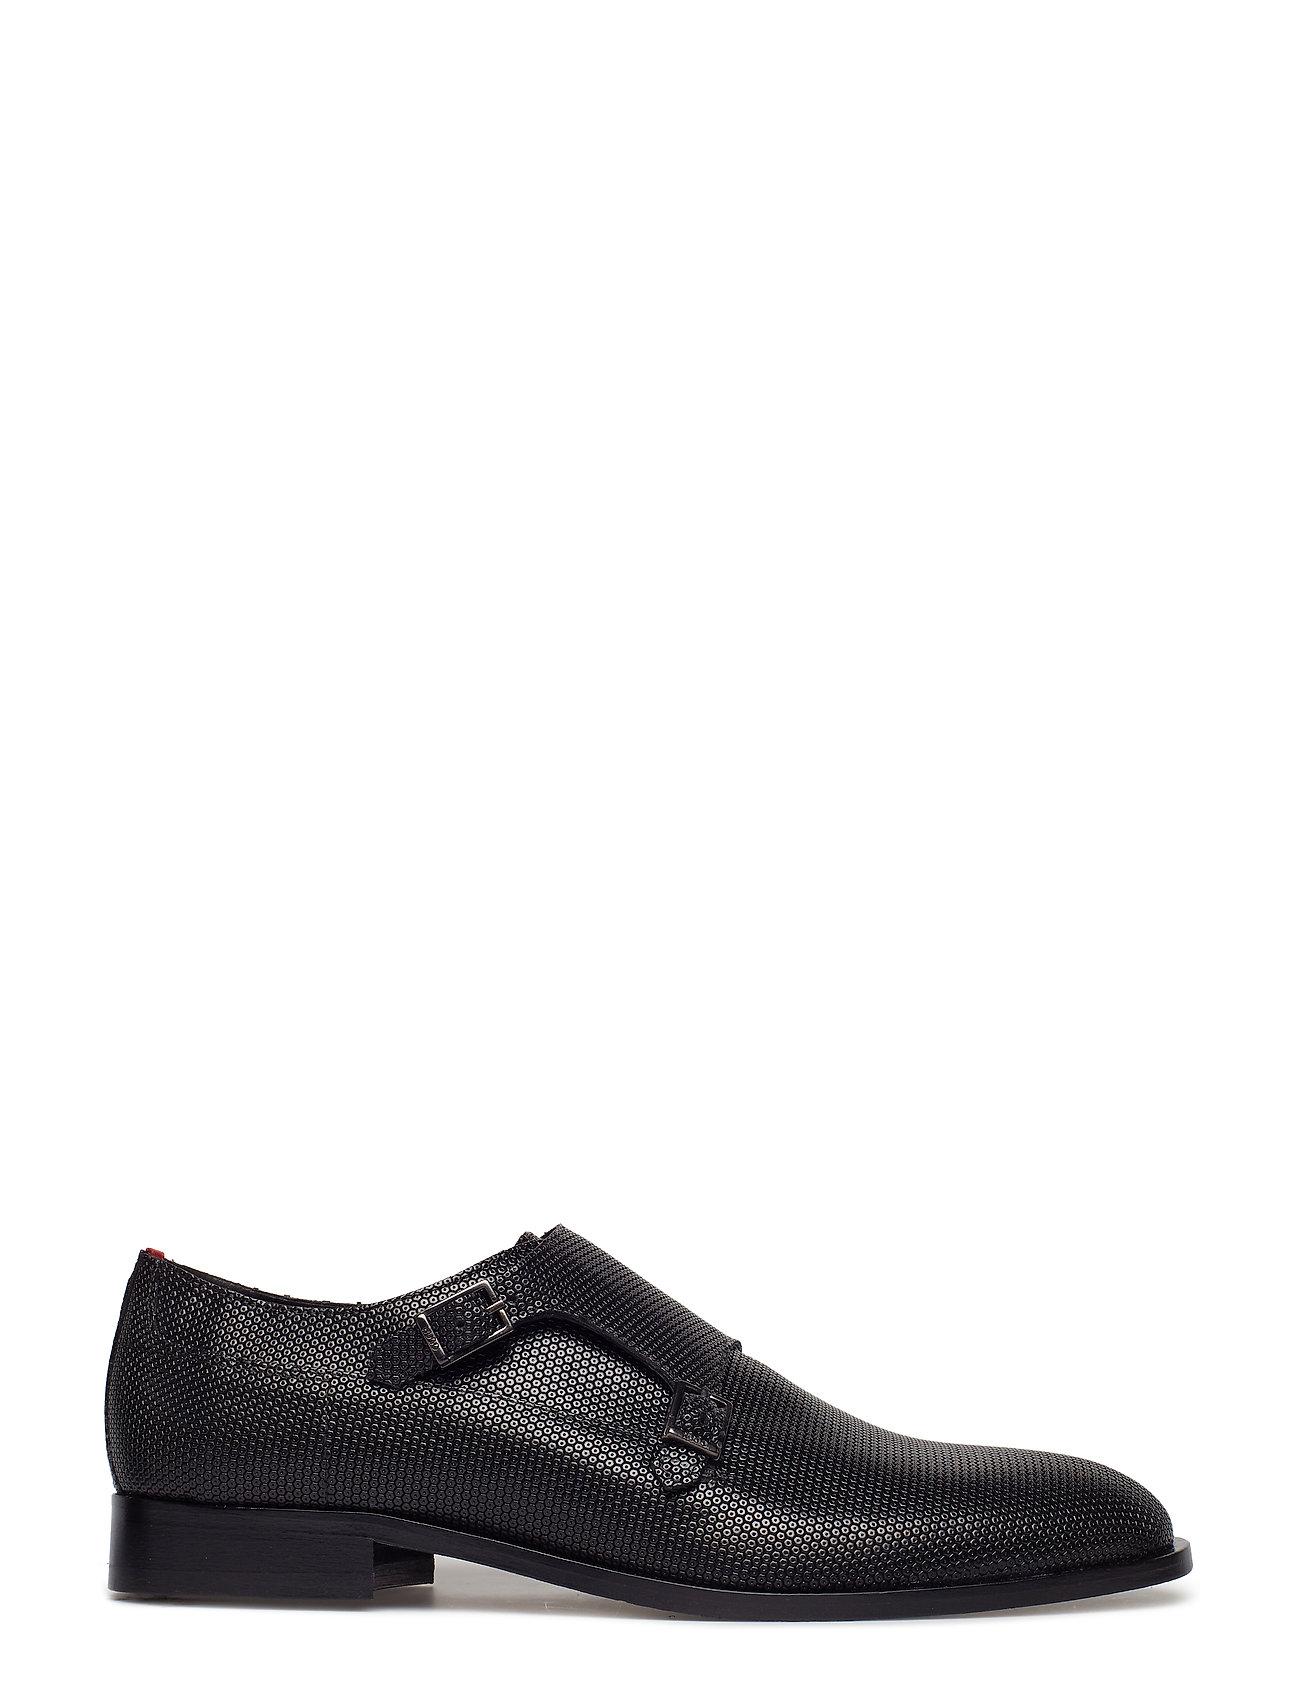 e9fd0125323f Smart monk ltpr monk strap sko fra Hugo Boss til herre i Sort ...